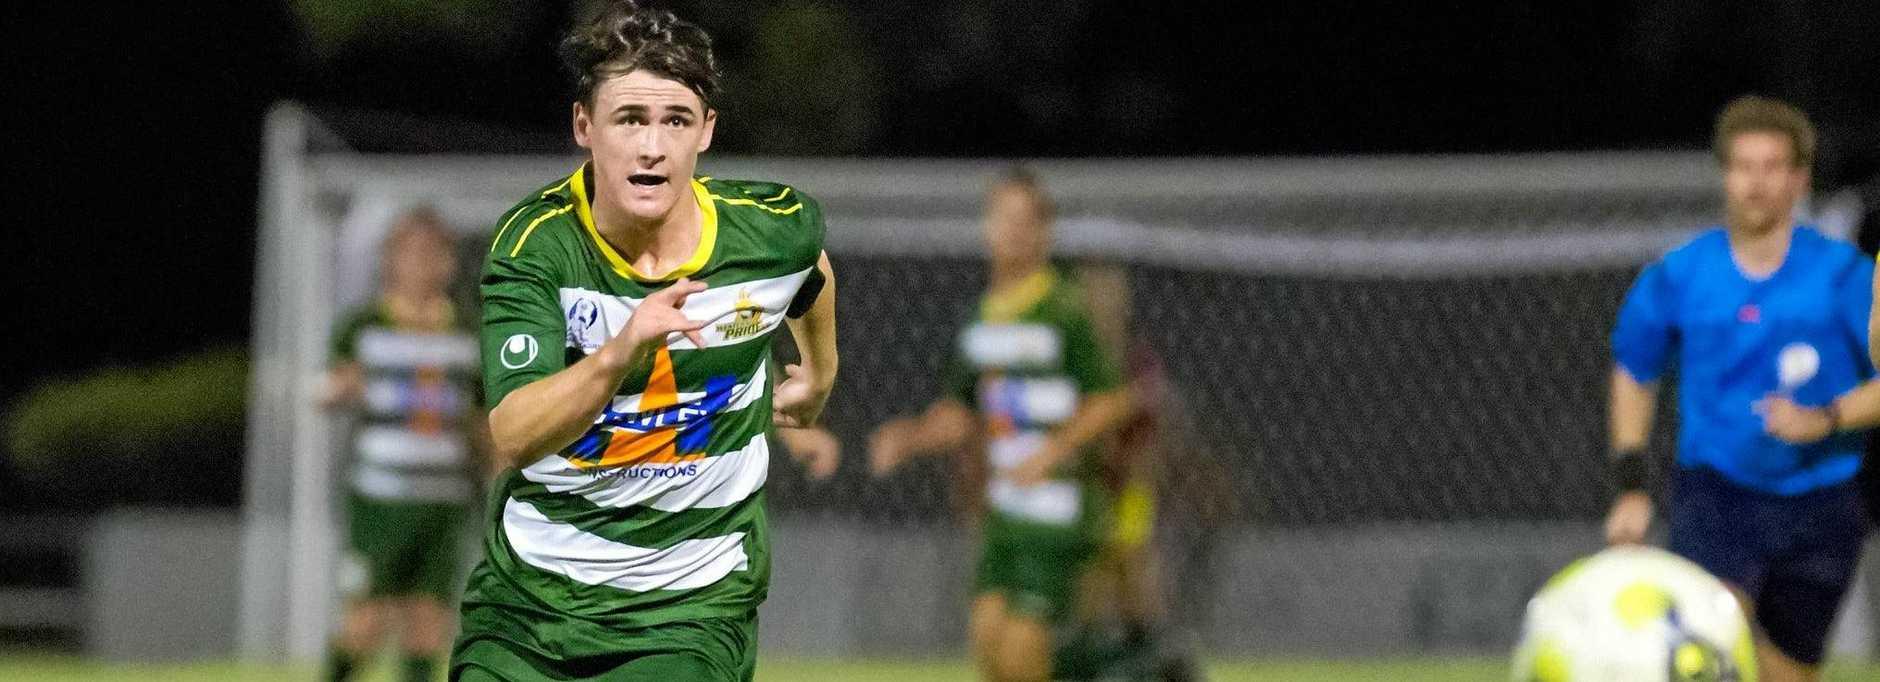 Western Pride goal scorer Dylan Wenzel-Halls